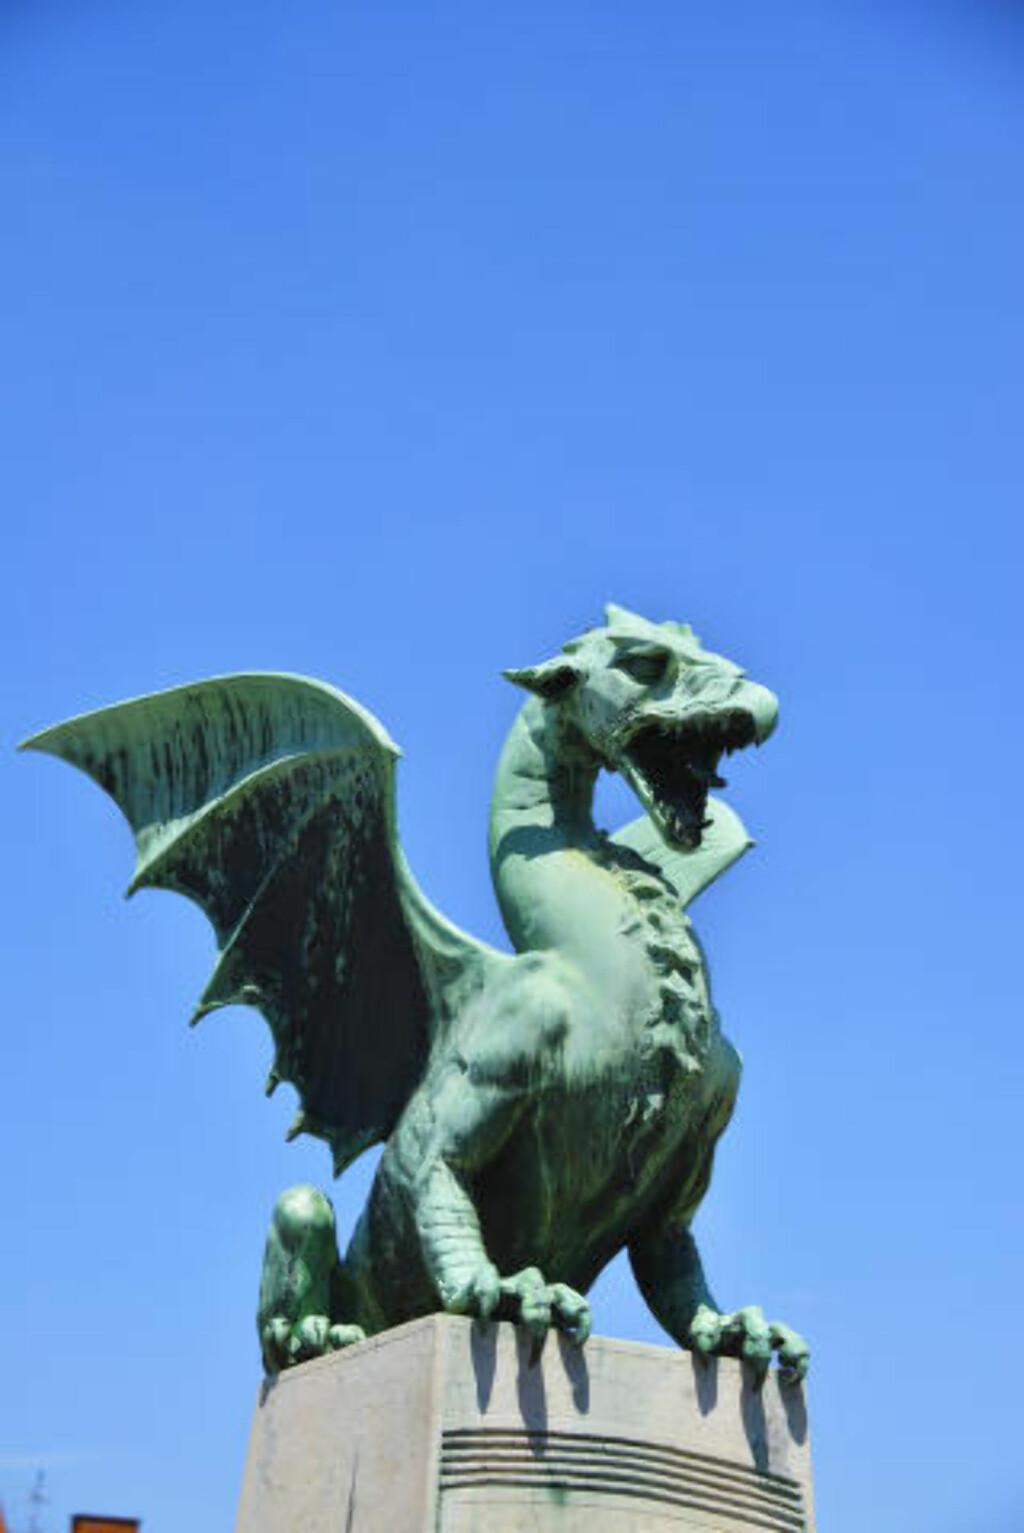 DRAGEBYEN: Dette monsteret er Ljubljanas symbol og byens mest gjenkjennelige innbygger. Den mest kjente av dragene holder til på Dragebrua, som en gang i tiden var byens inngangsport. Foto: TORILD MOLAND